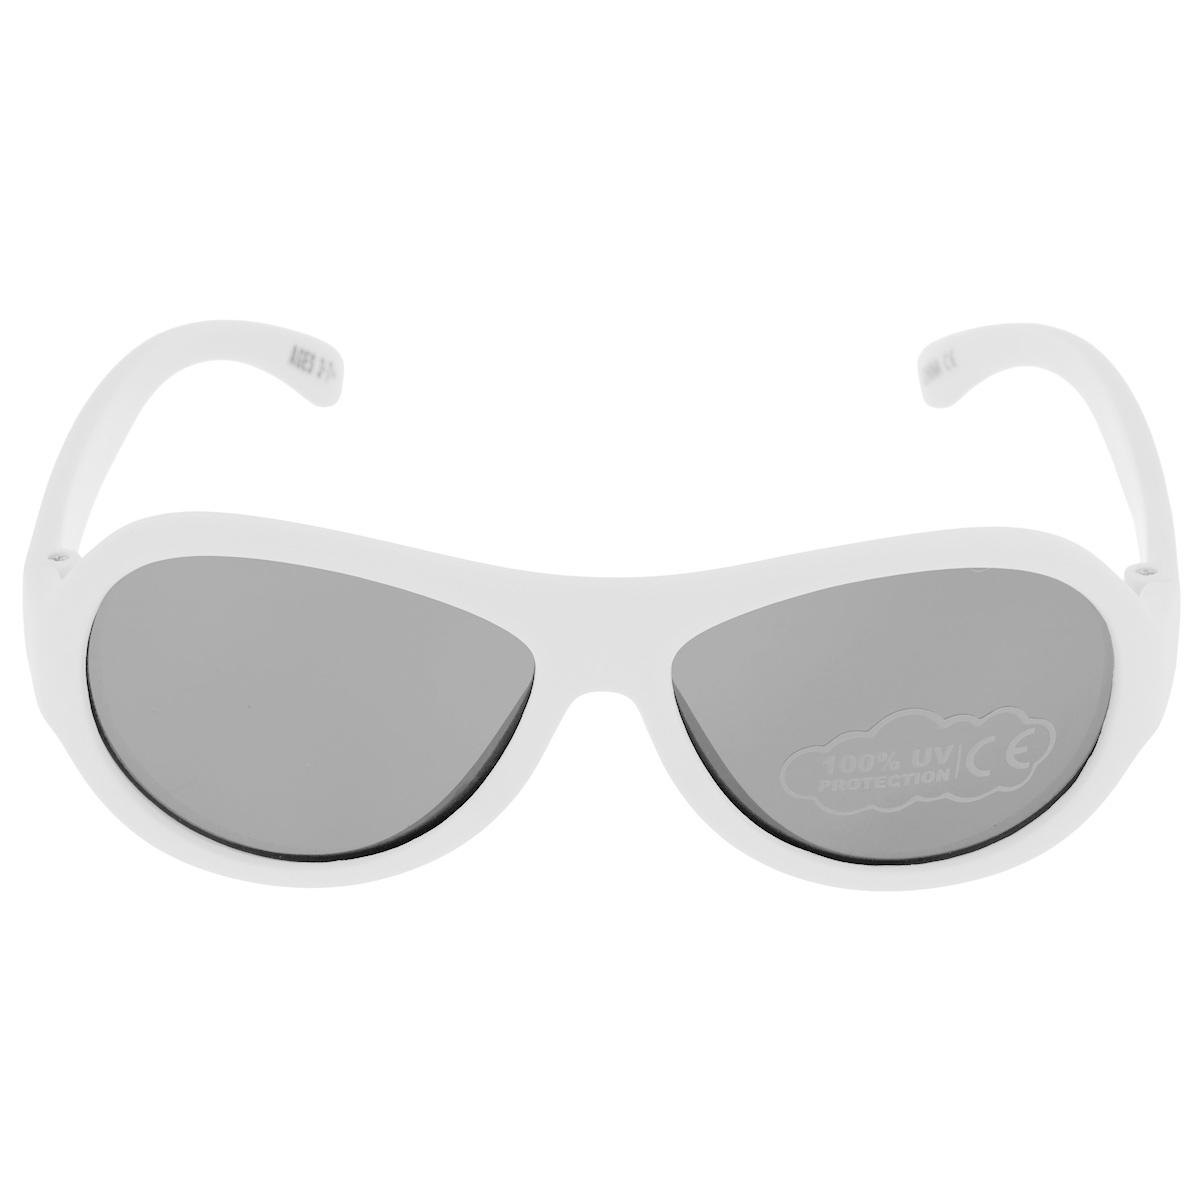 Детские солнцезащитные очки Babiators Шалун (Wicked), цвет: белый, 3-7 летINT-06501Вы делаете все возможное, чтобы ваши дети были здоровы и в безопасности. Шлемы для езды на велосипеде, солнцезащитный крем для прогулок на солнце... Но как насчёт влияния солнца на глаза вашего ребёнка? Правда в том, что сетчатка глаза у детей развивается вместе с самим ребёнком. Это означает, что глаза малышей не могут отфильтровать УФ-излучение. Проблема понятна - детям нужна настоящая защита, чтобы глазки были в безопасности, а зрение сильным.Каждая пара солнцезащитных очков Babiators для детей обеспечивает 100% защиту от UVA и UVB. Прочные линзы высшего качества не подведут в самых сложных переделках. В отличие от обычных пластиковых очков, оправа Babiators выполнена из гибкого прорезиненного материала, что делает их ударопрочными, их можно сгибать и крутить - они не сломаются и вернутся в прежнюю форму. Не бойтесь, что ребёнок сядет на них - они всё выдержат. Будьте уверены, что очки Babiators созданы безопасными, прочными и классными, так что вы и ваш ребенок можете приступать к своим приключениям!